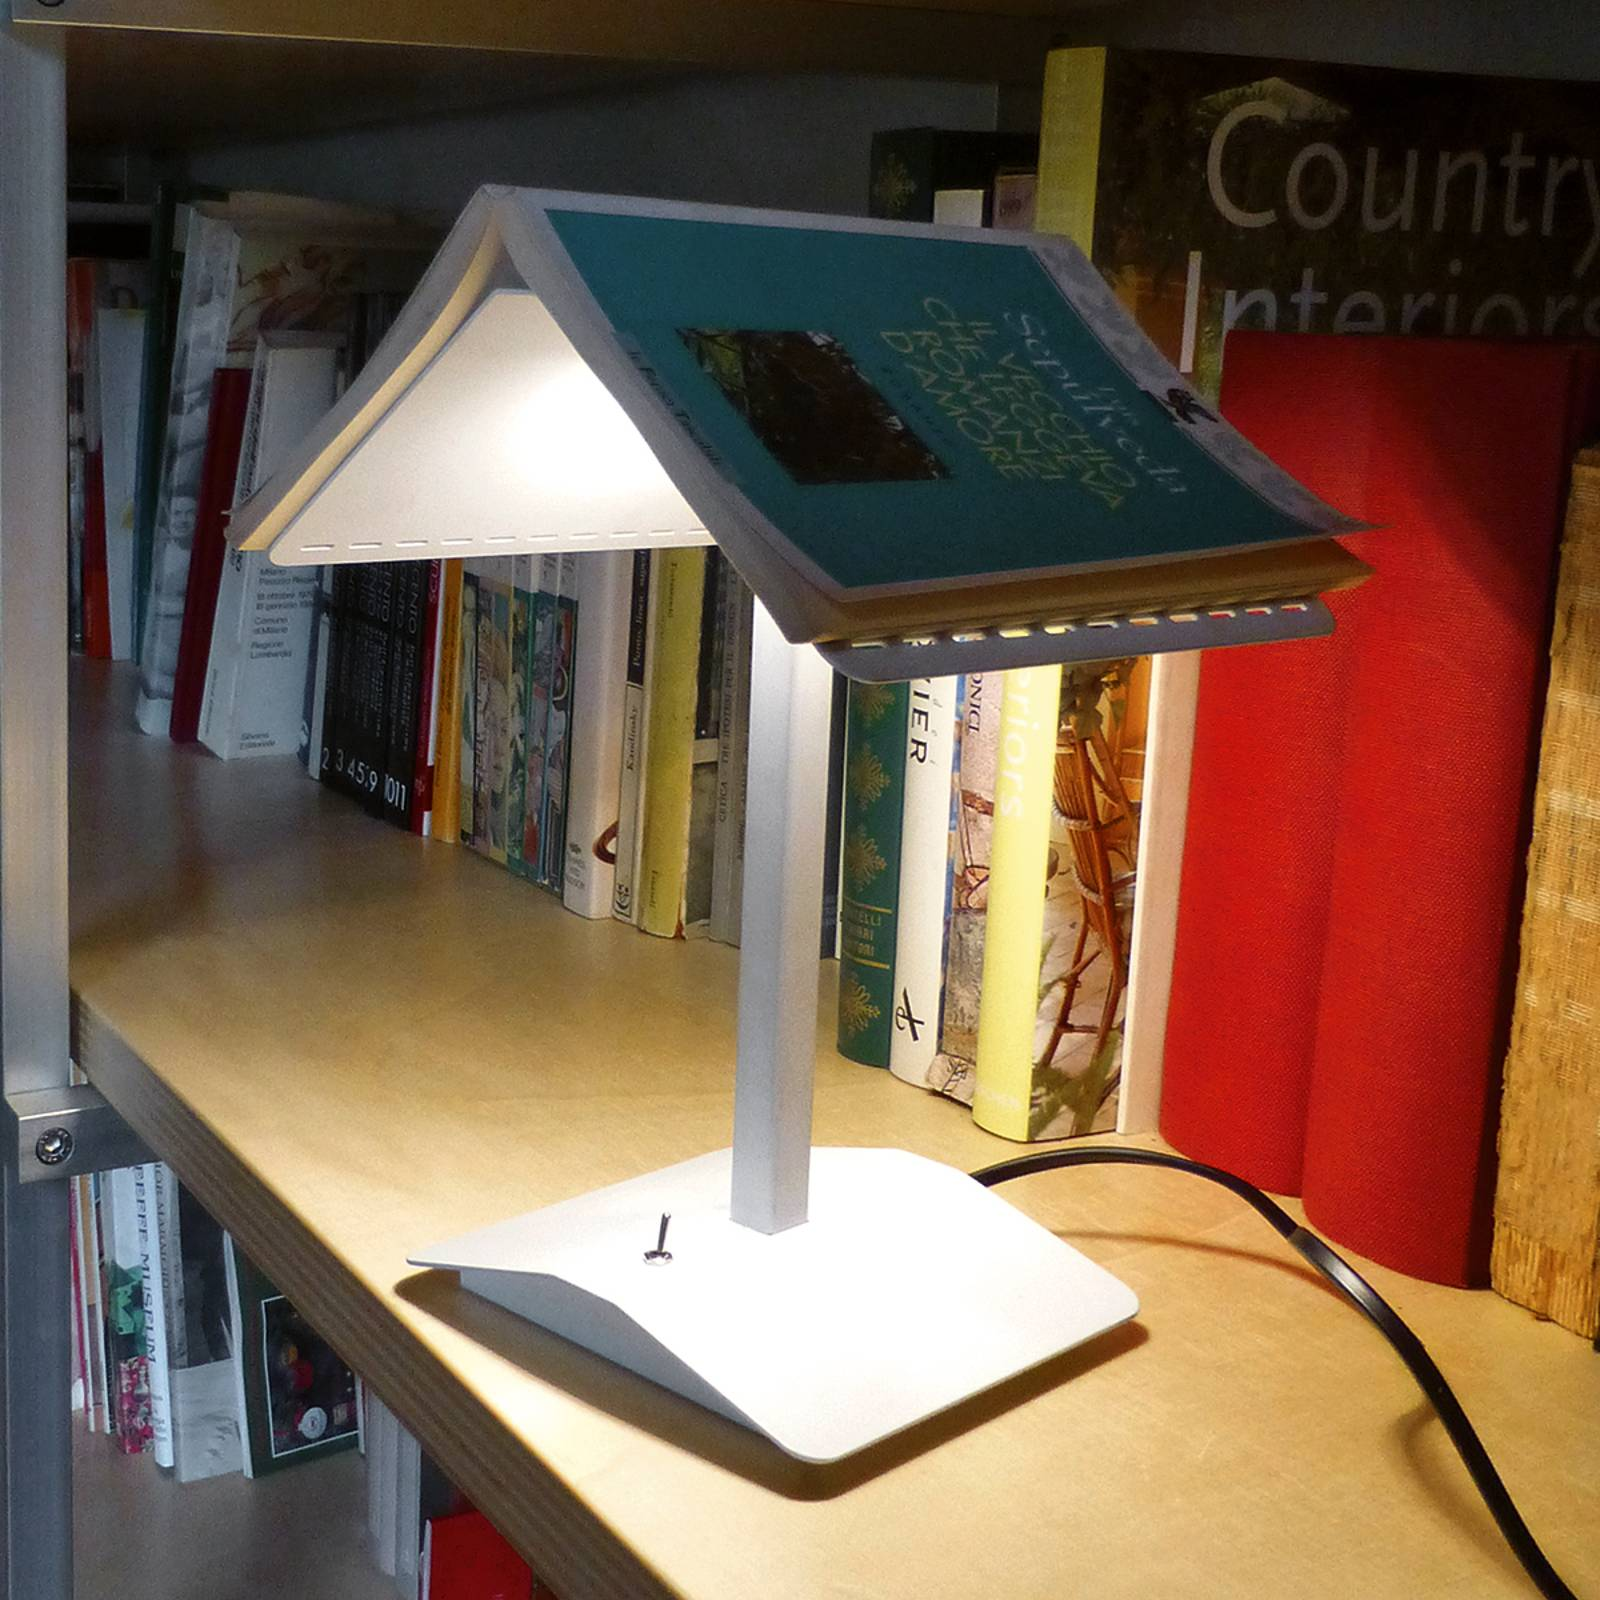 schreibtischlampen und andere lampen von martinelli luce. Black Bedroom Furniture Sets. Home Design Ideas